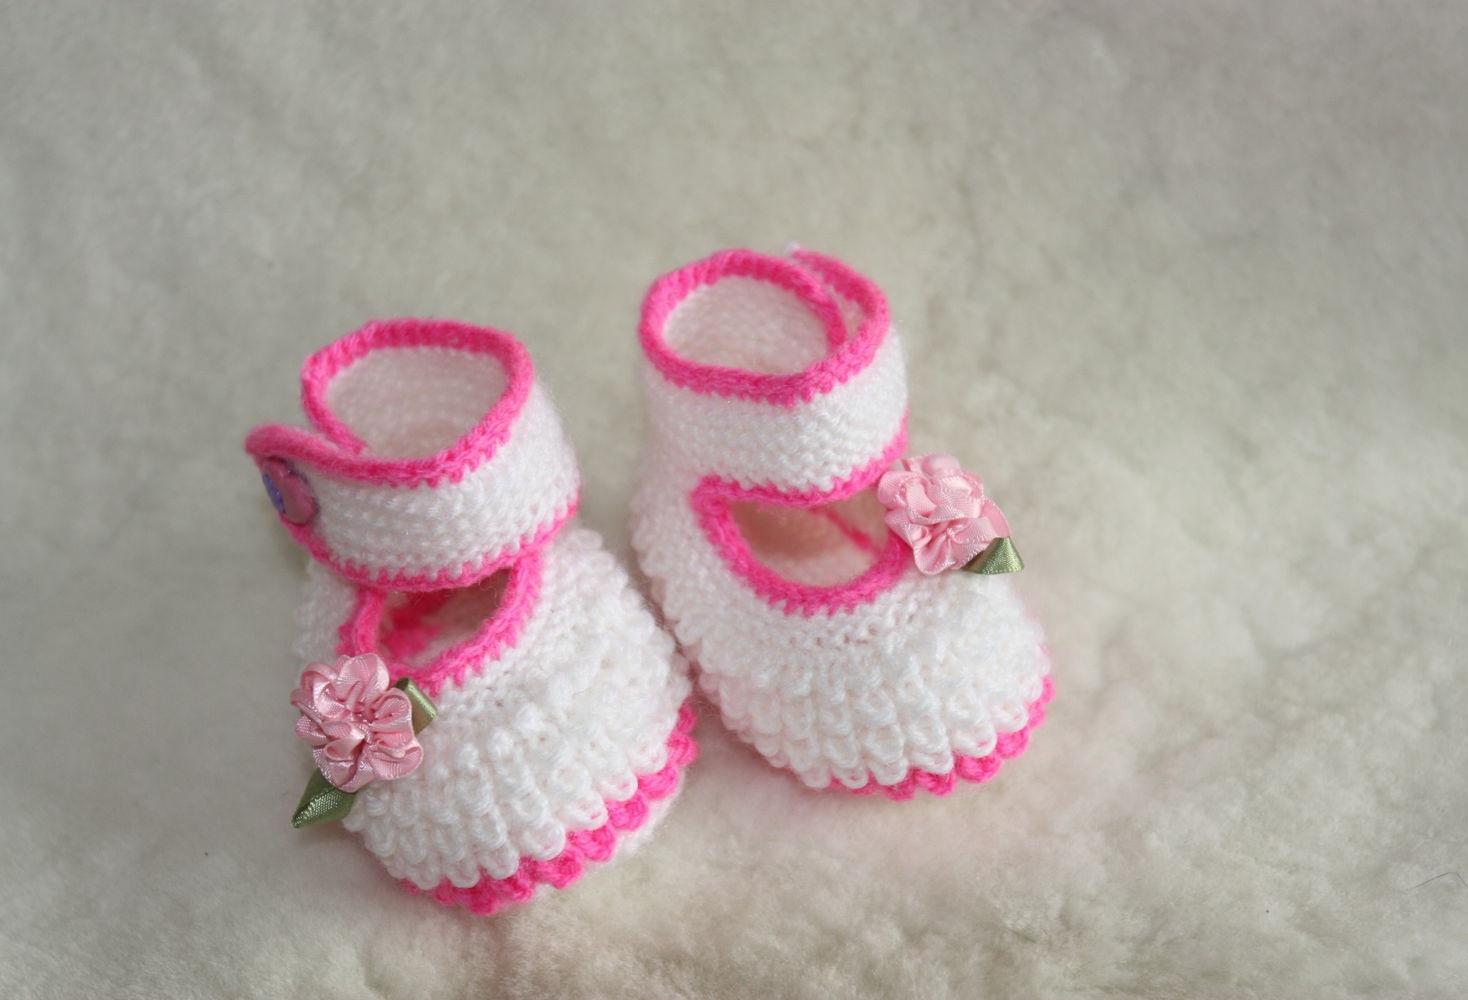 раскрасьте картинку пинетки туфельки от натальи картинки предоставляем услуги эскорт